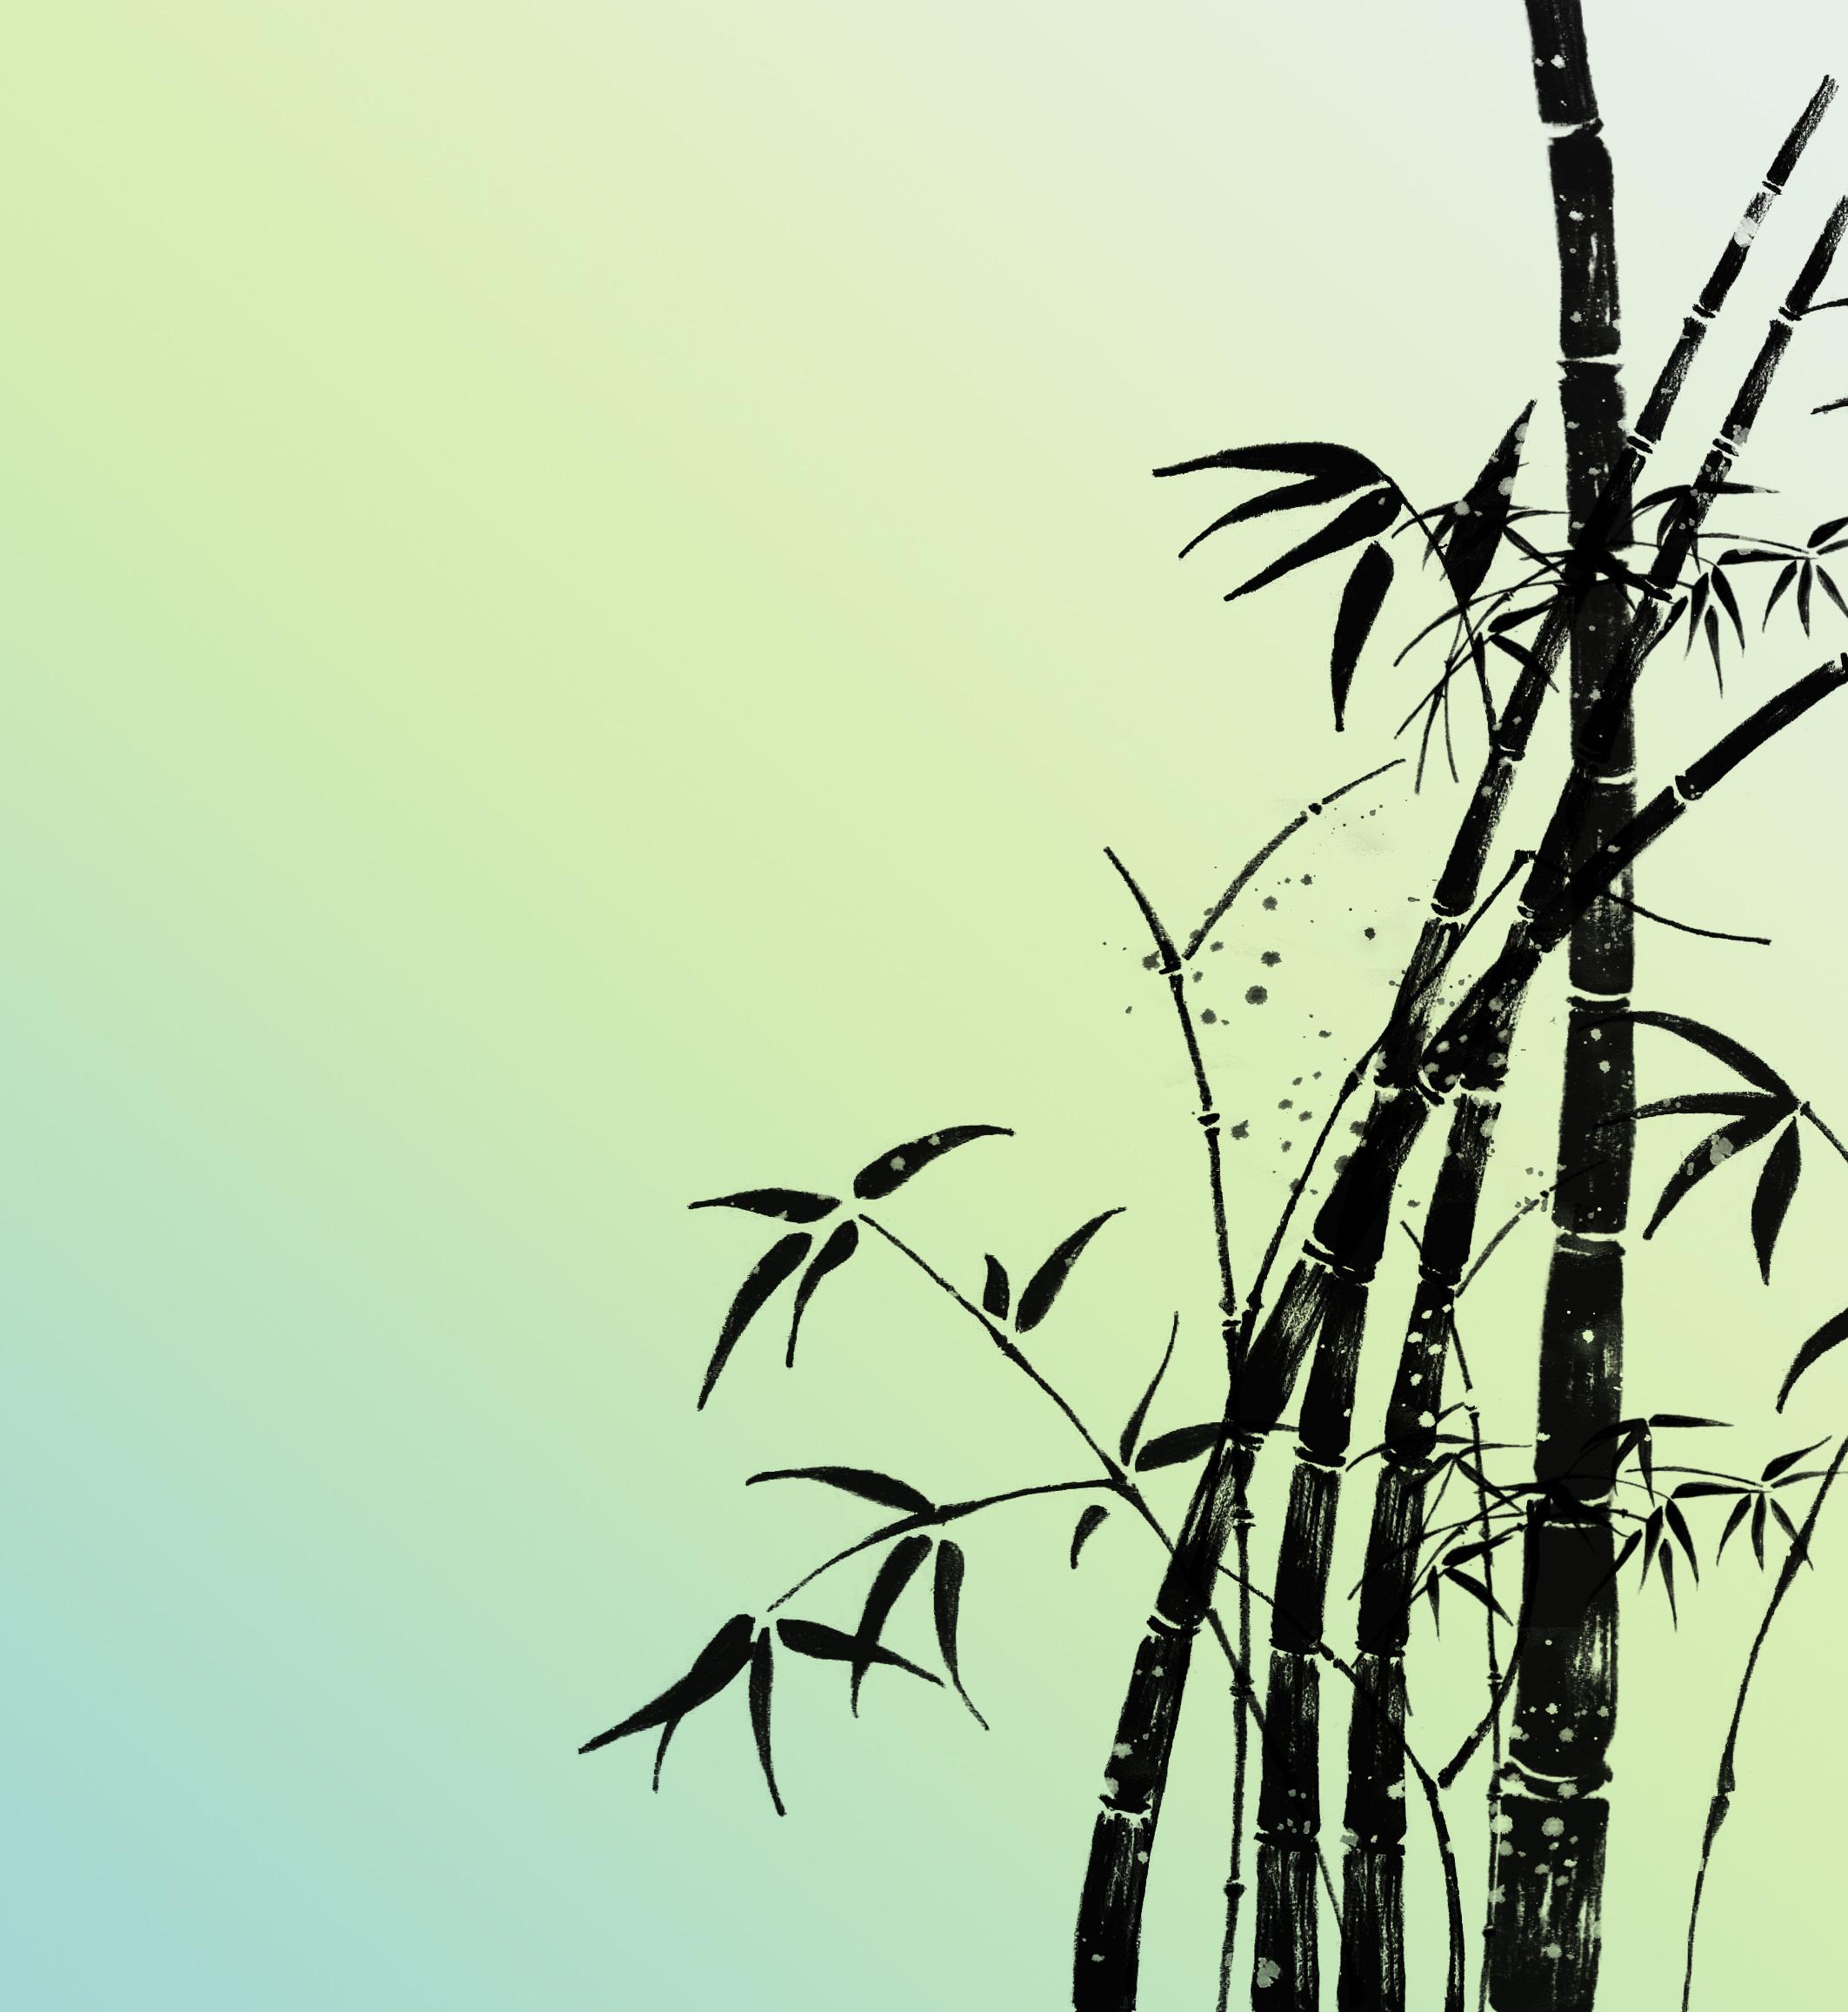 竹子钢笔画手绘图